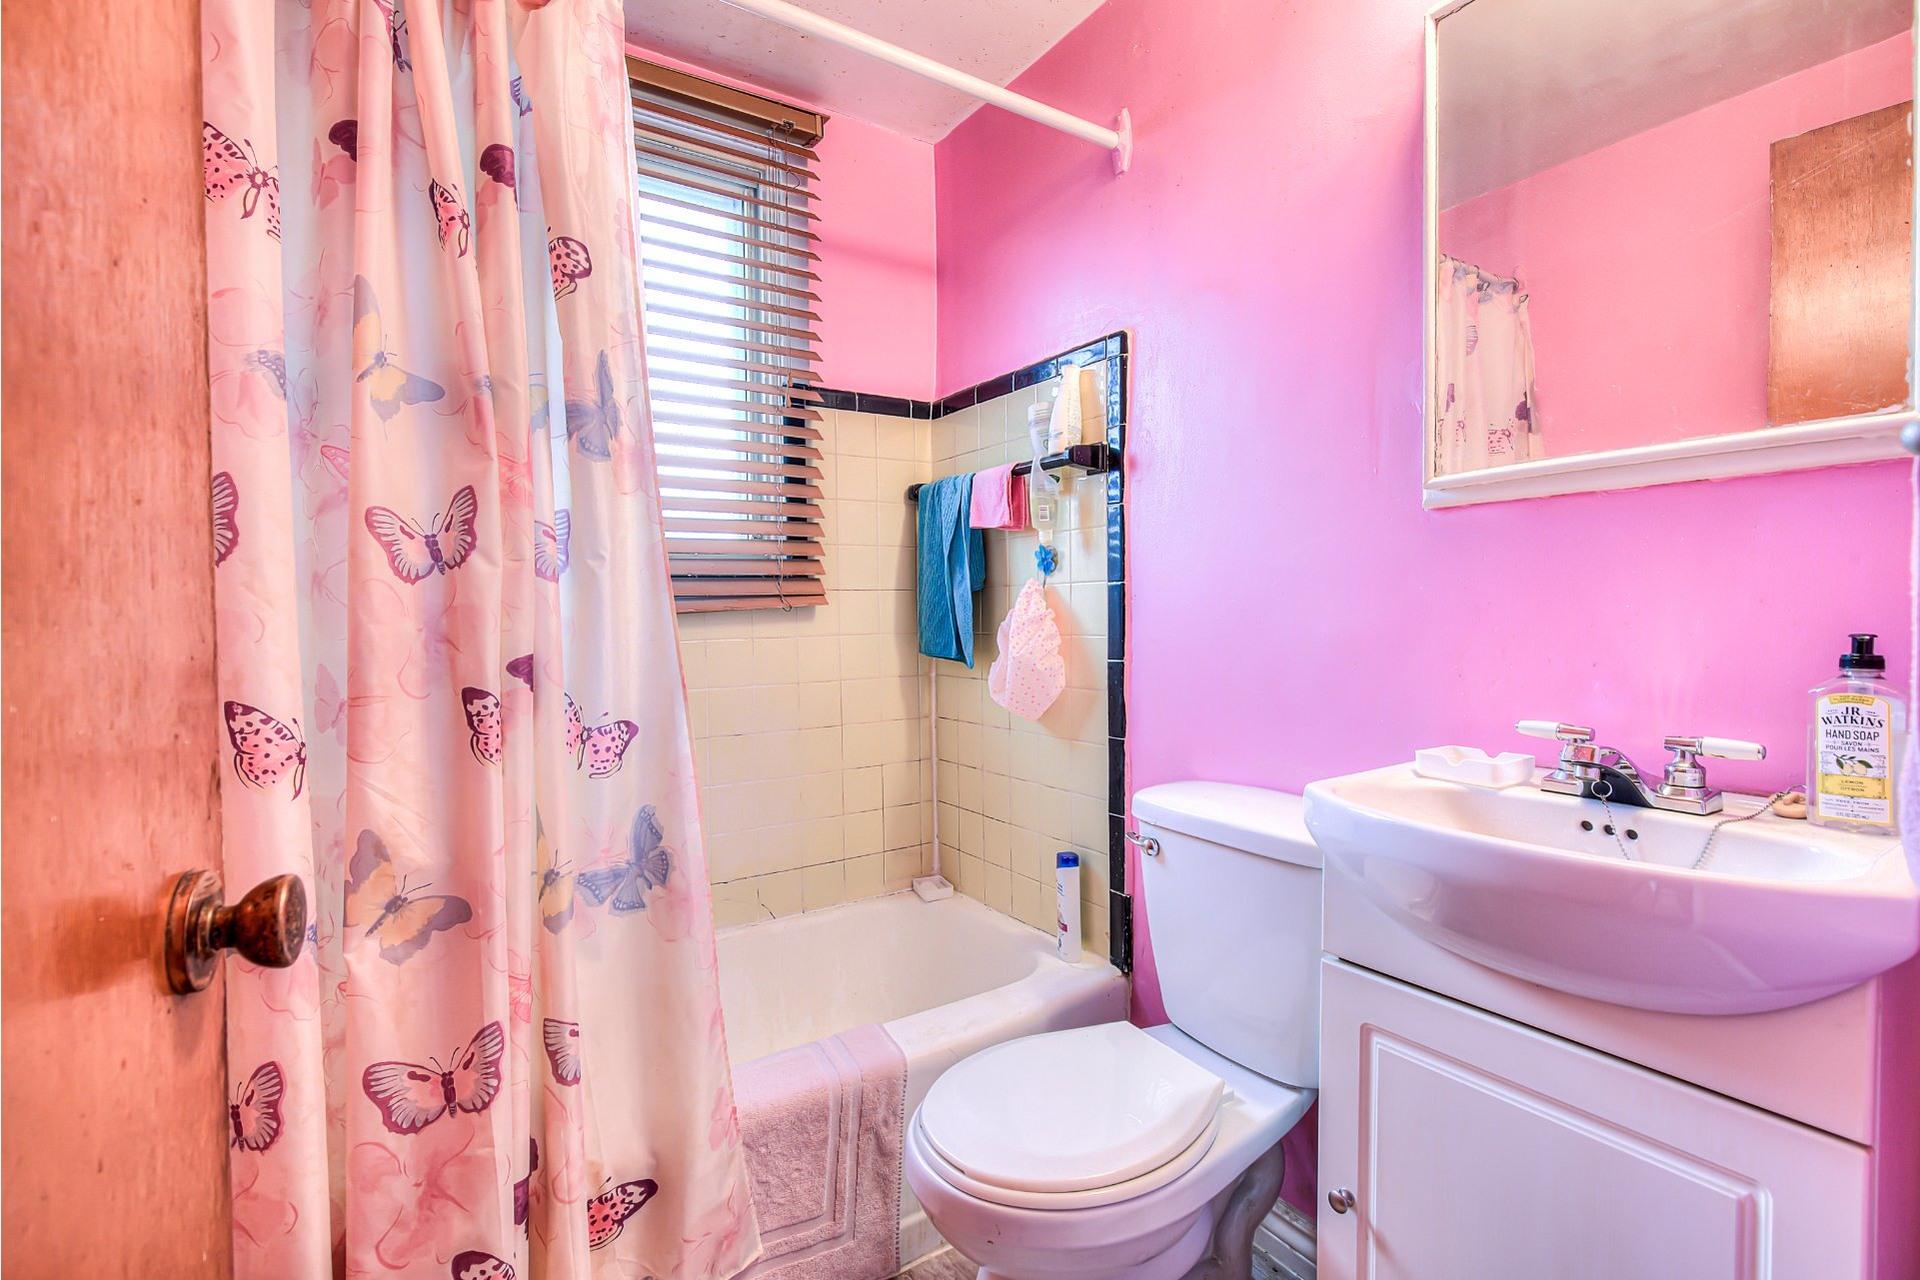 image 30 - Income property For sale Villeray/Saint-Michel/Parc-Extension Montréal  - 4 rooms